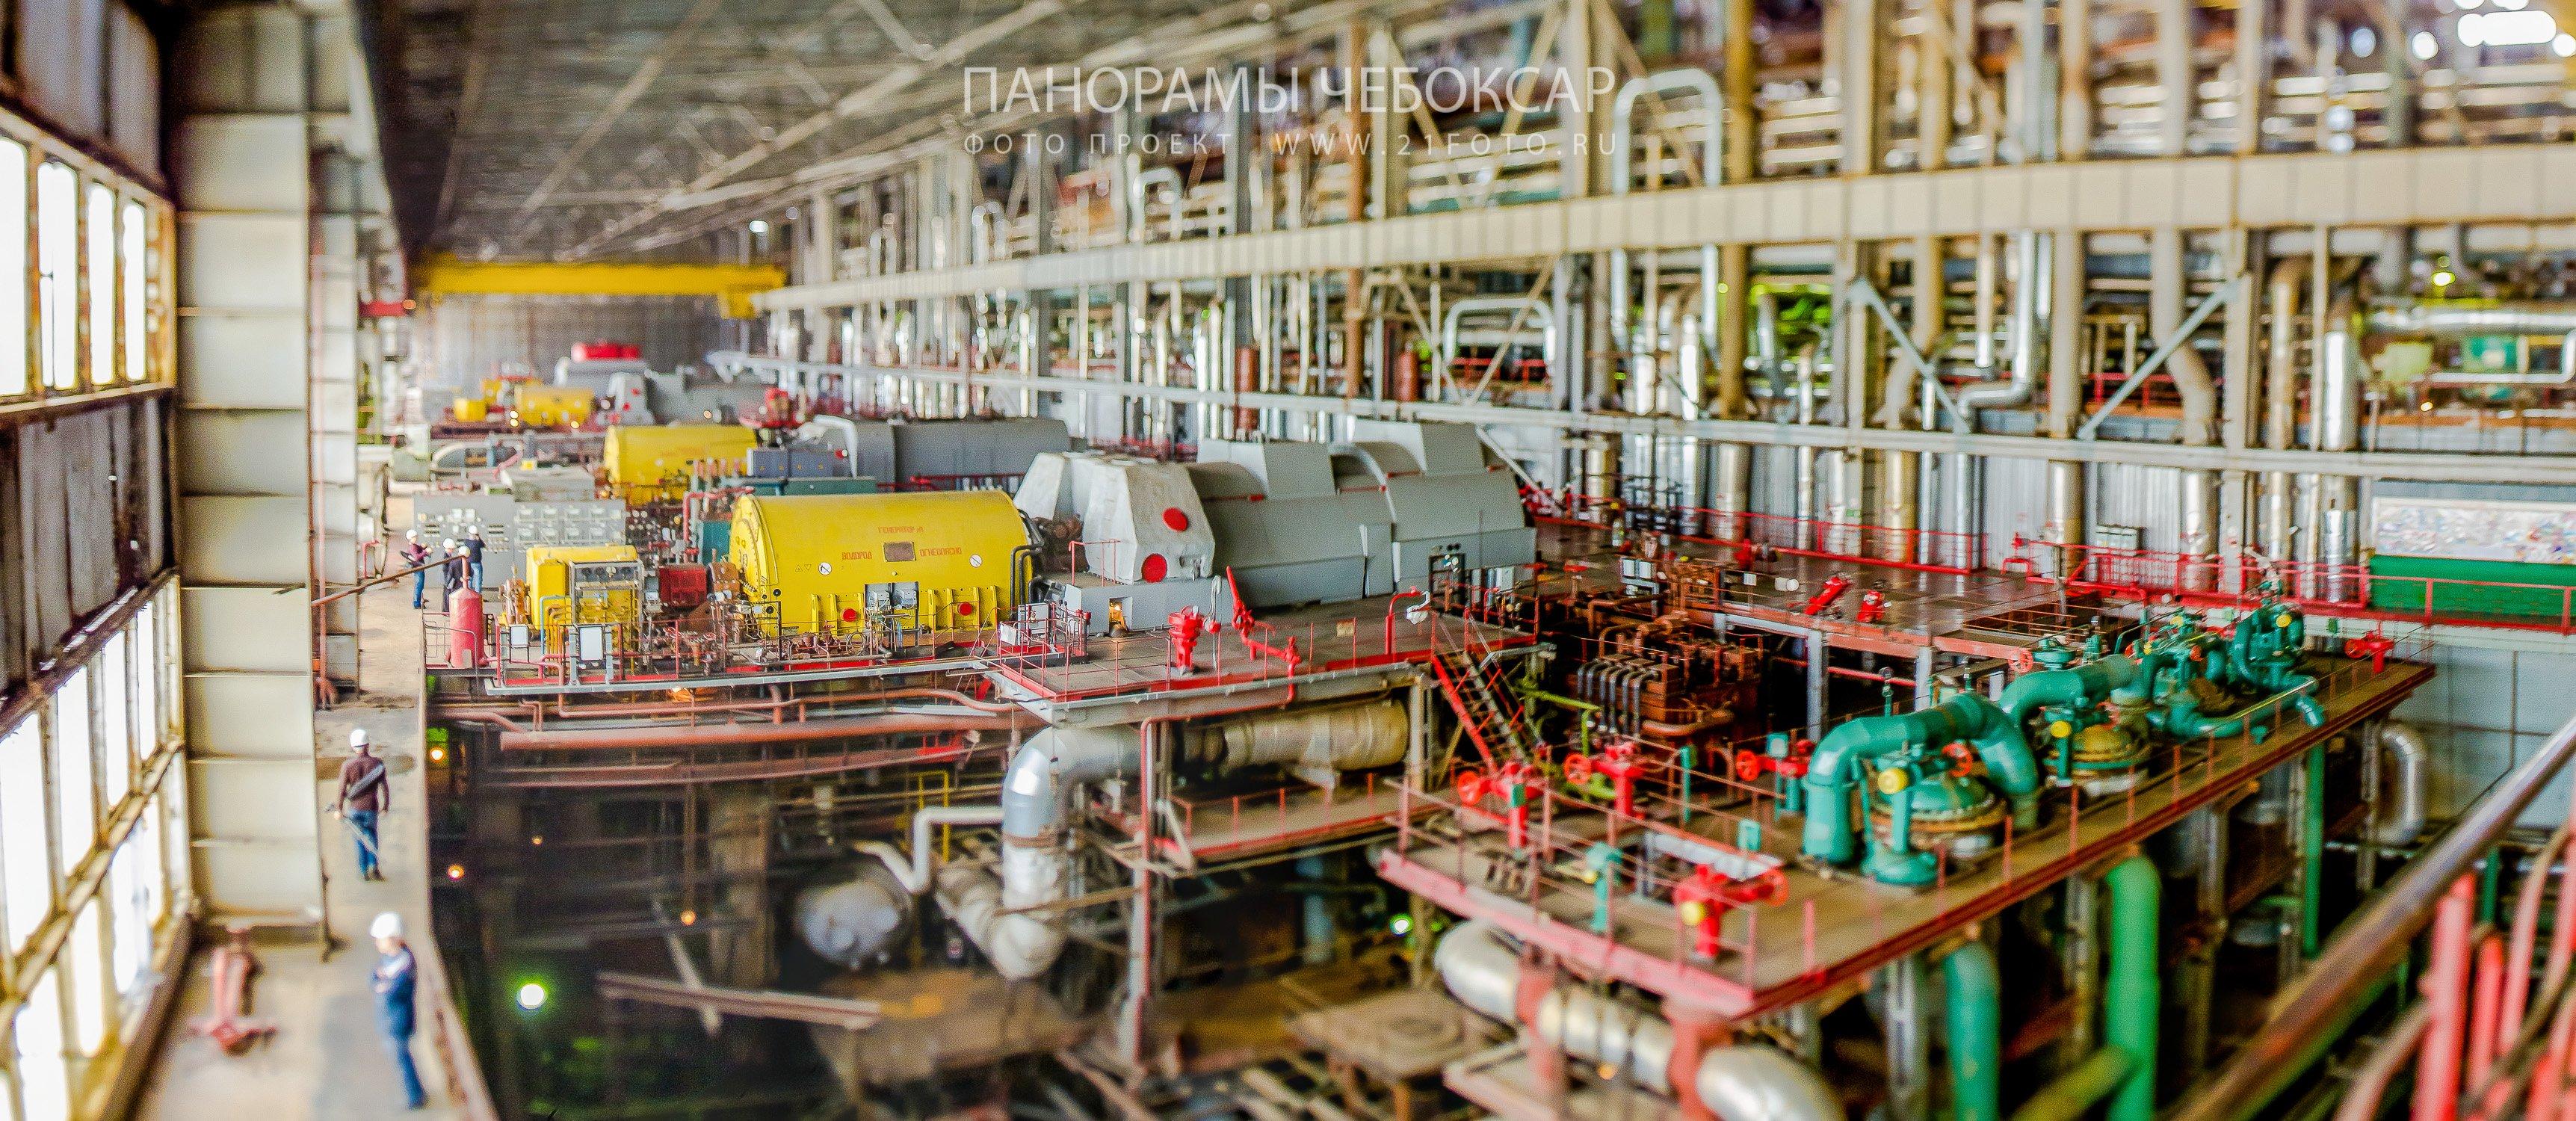 ТЭЦ-2 Чебоксары, зал турбогенераторов